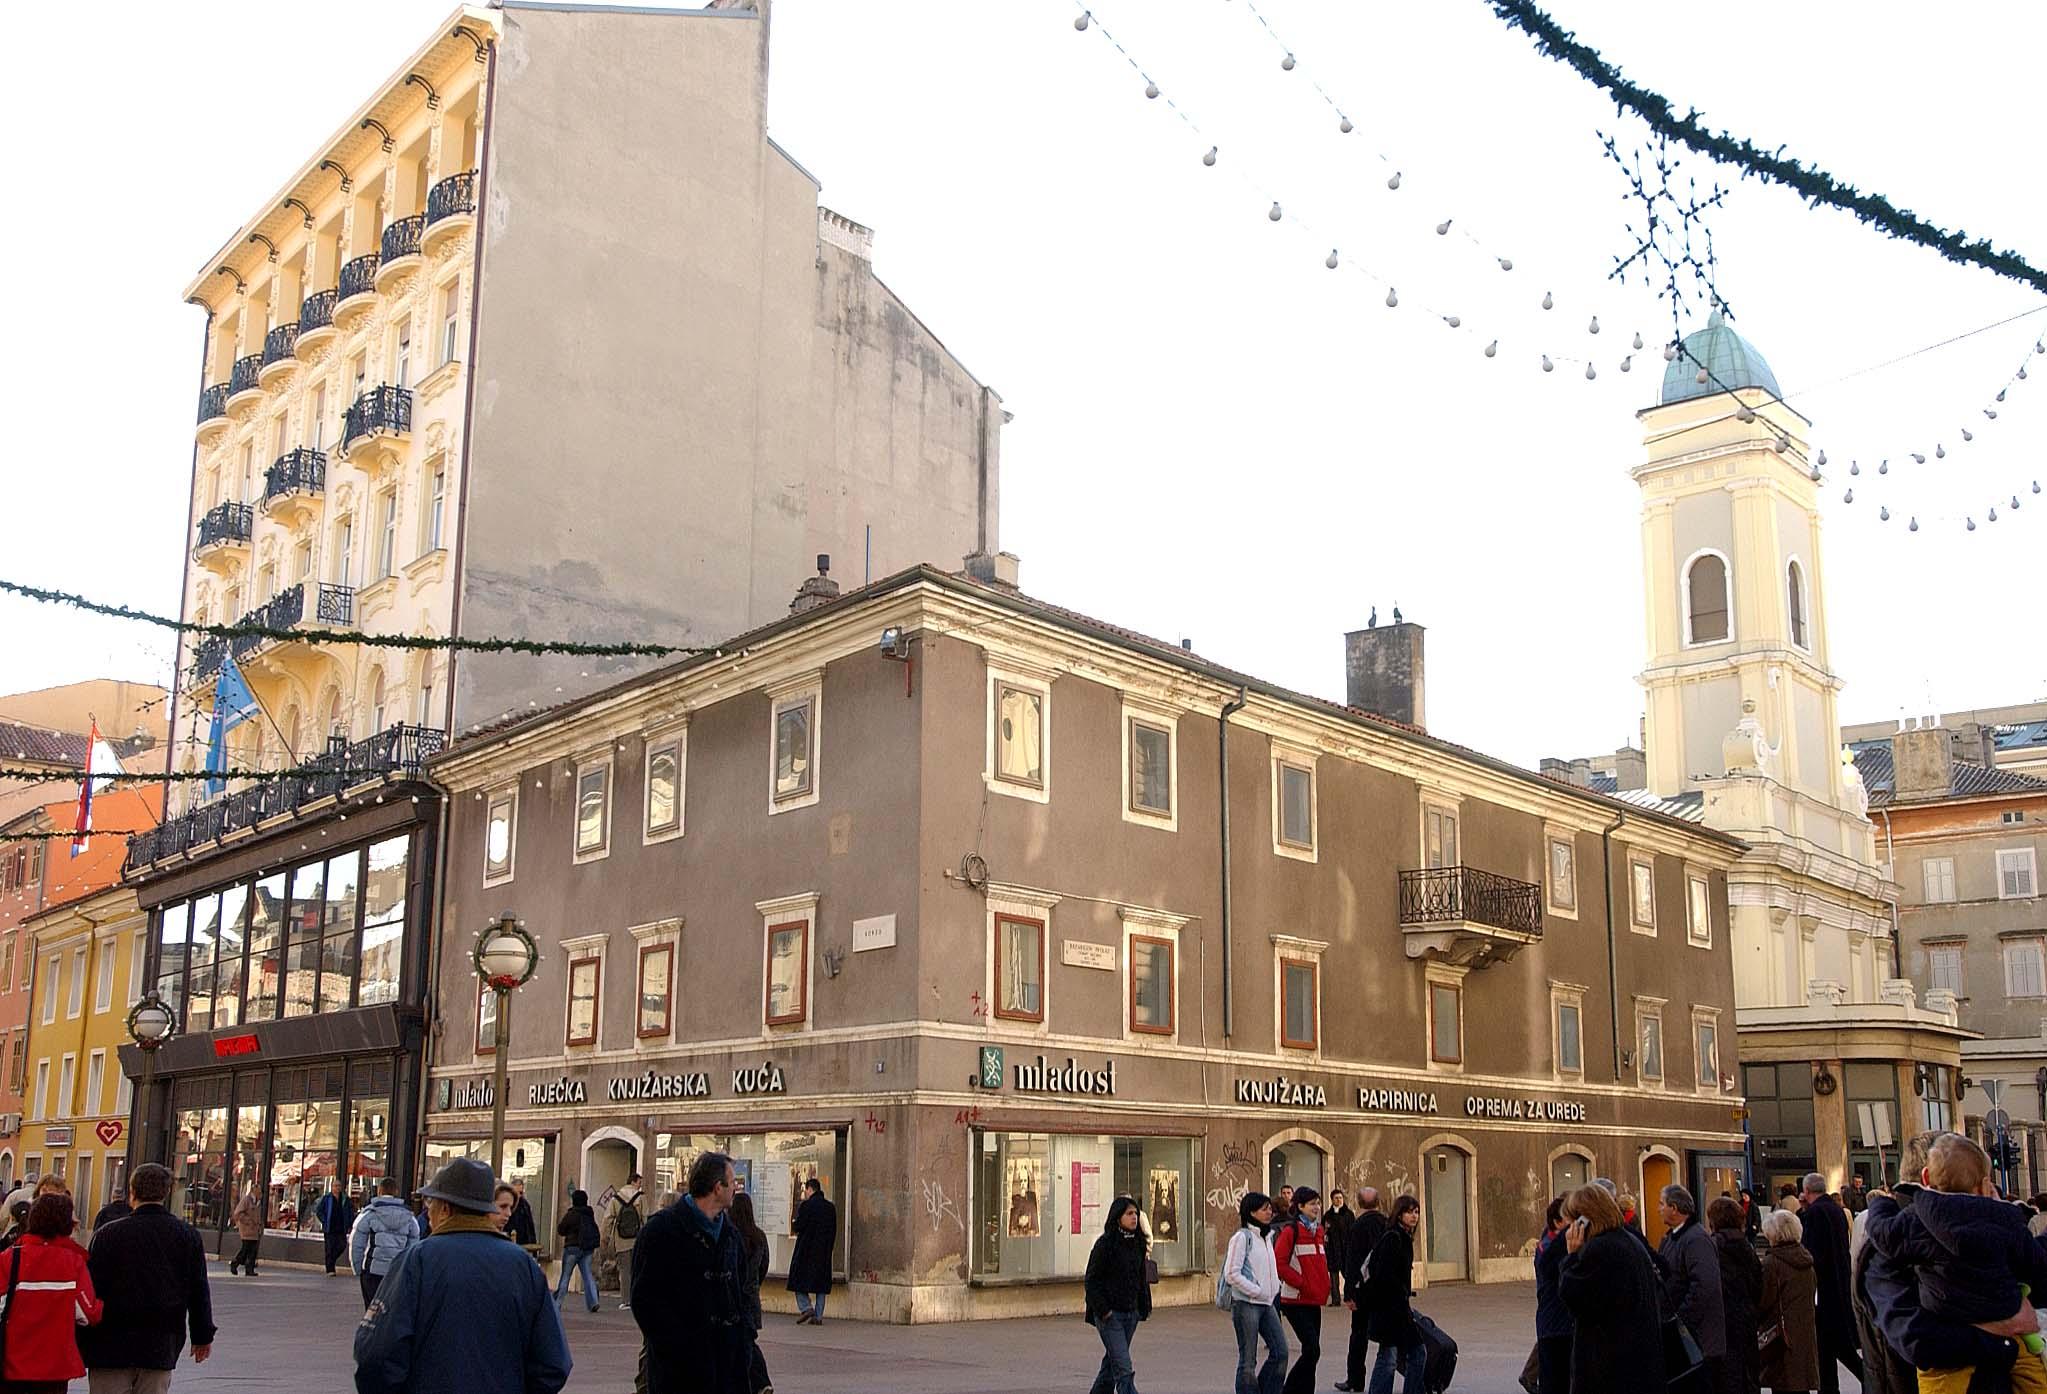 Ovako je zgrada izgledala u siječnju 2005. godine